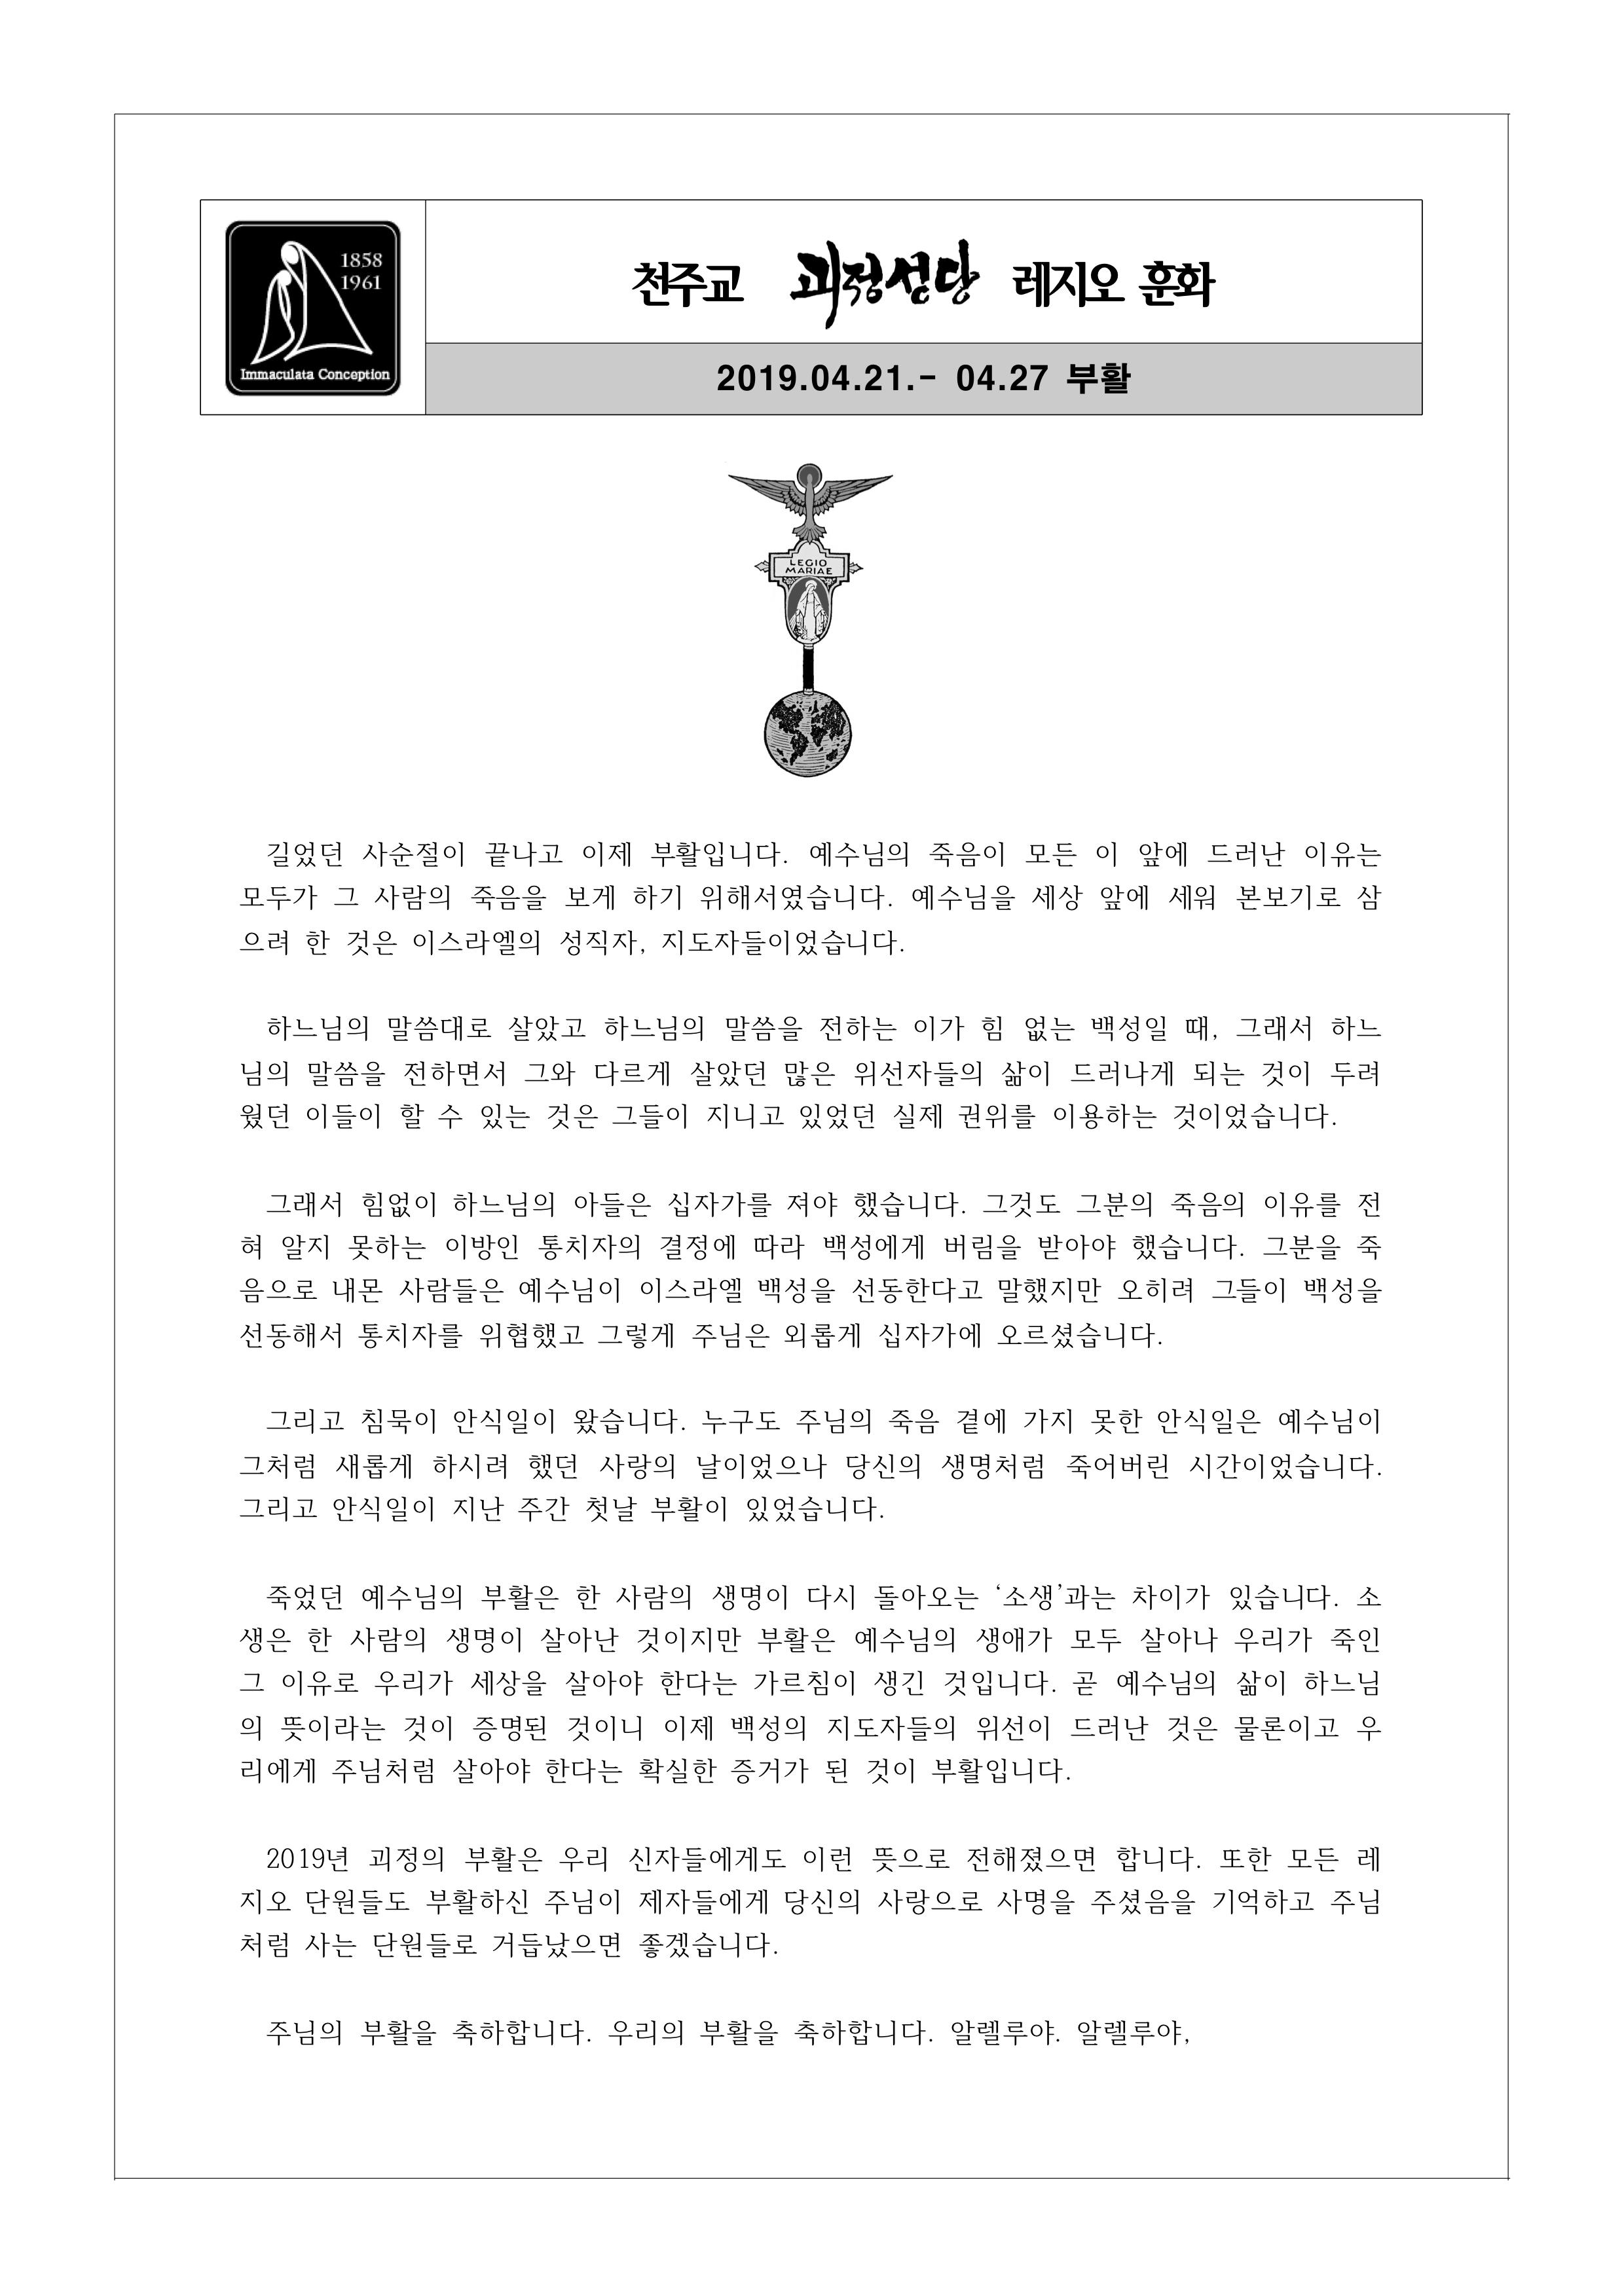 20190421 괴정성당 레지오 훈화.jpg